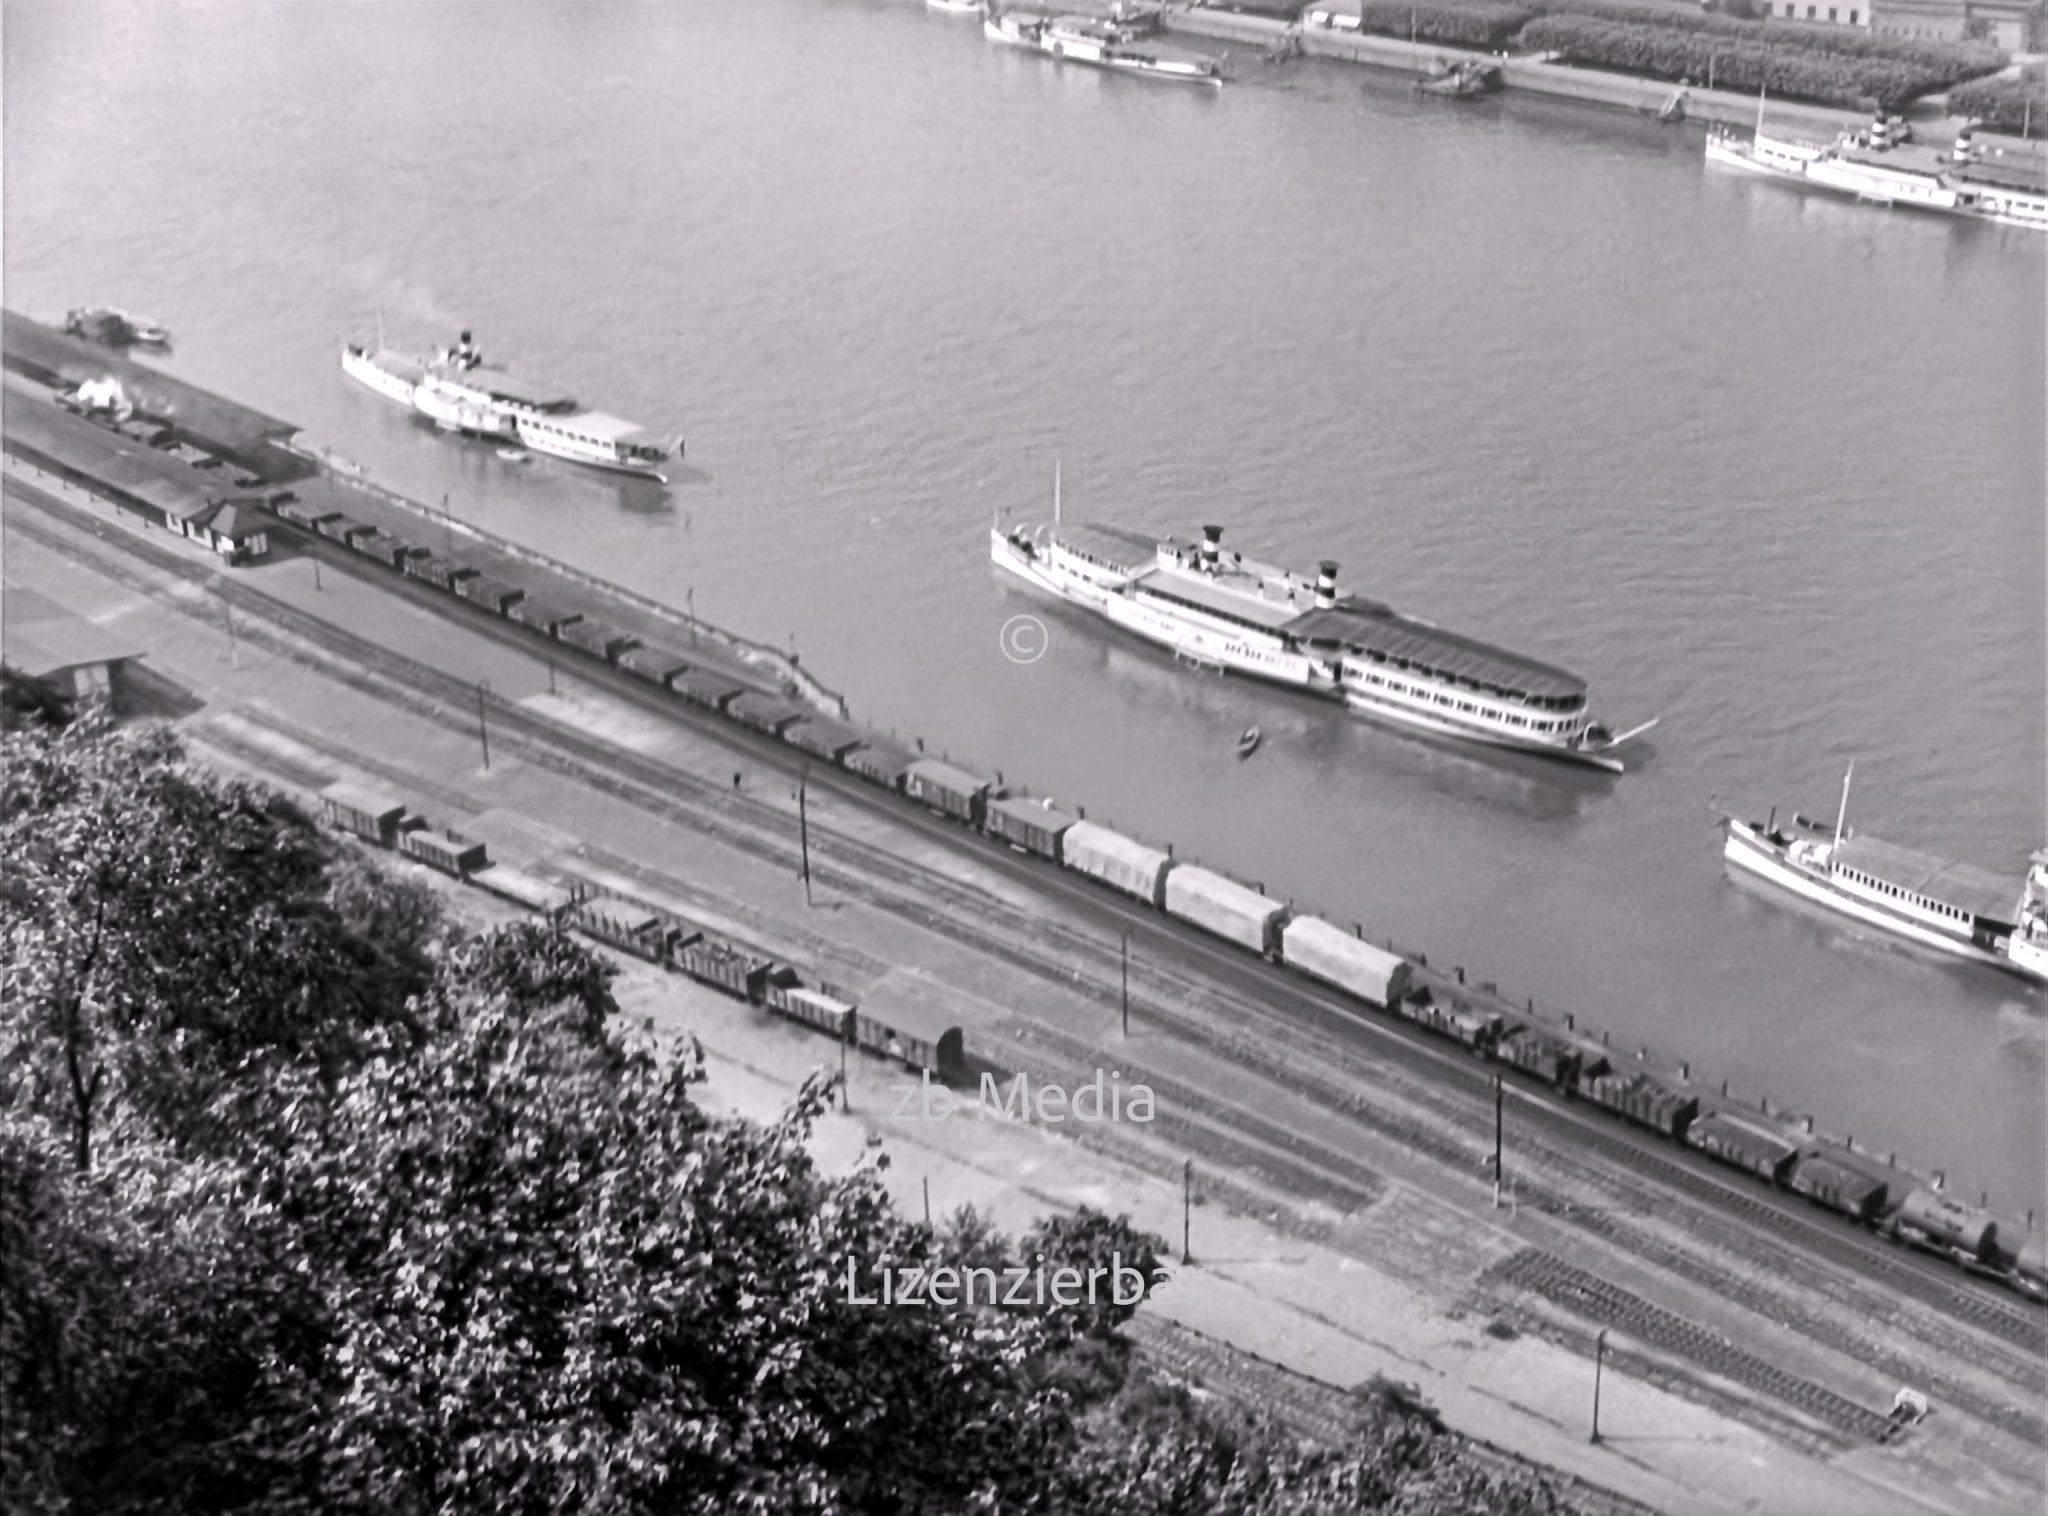 Der Rhein bei Koblenz 1937